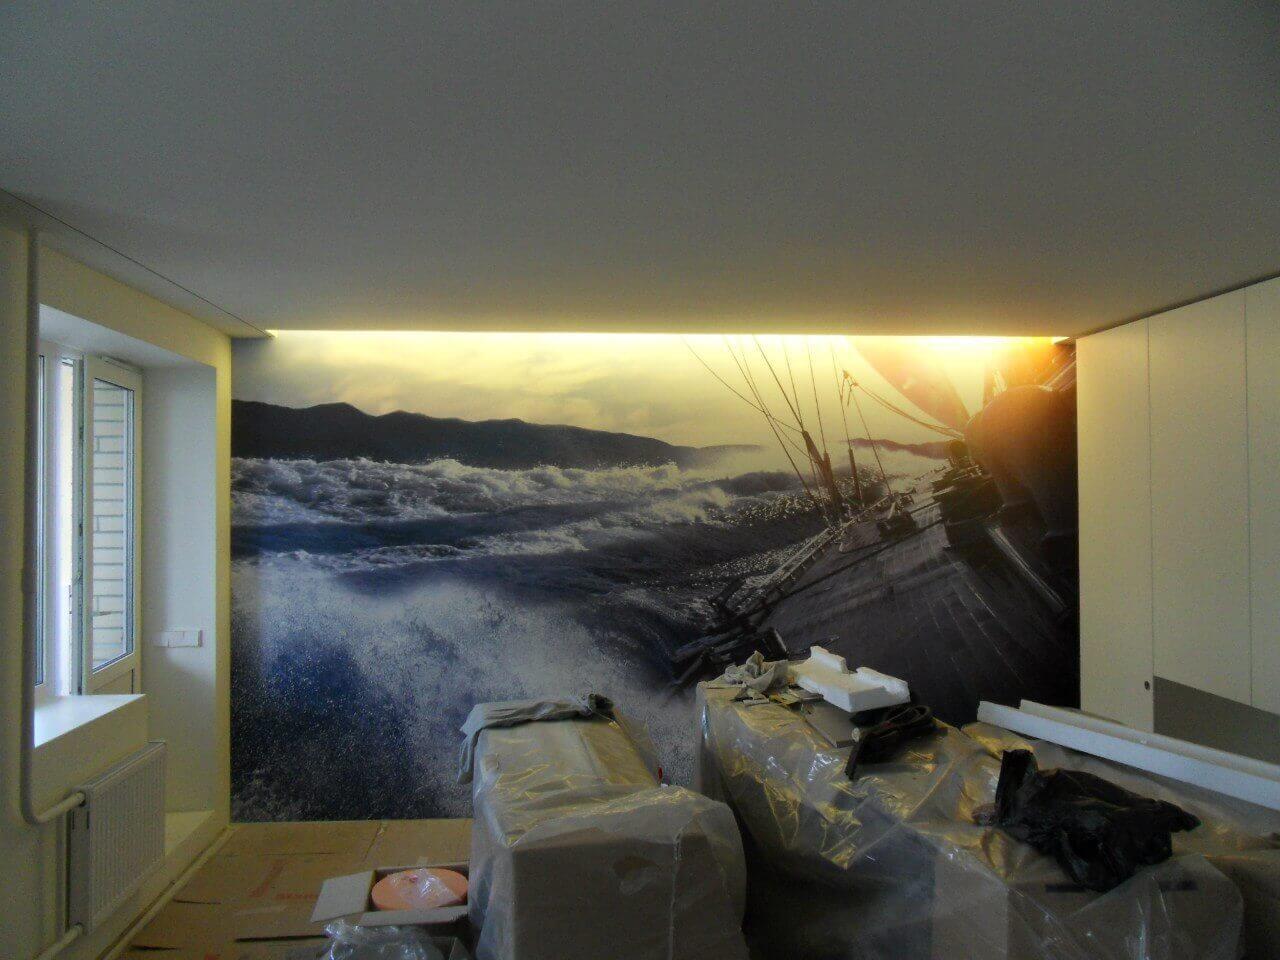 конечно, главным натяжные стены с потолками фото есть всего